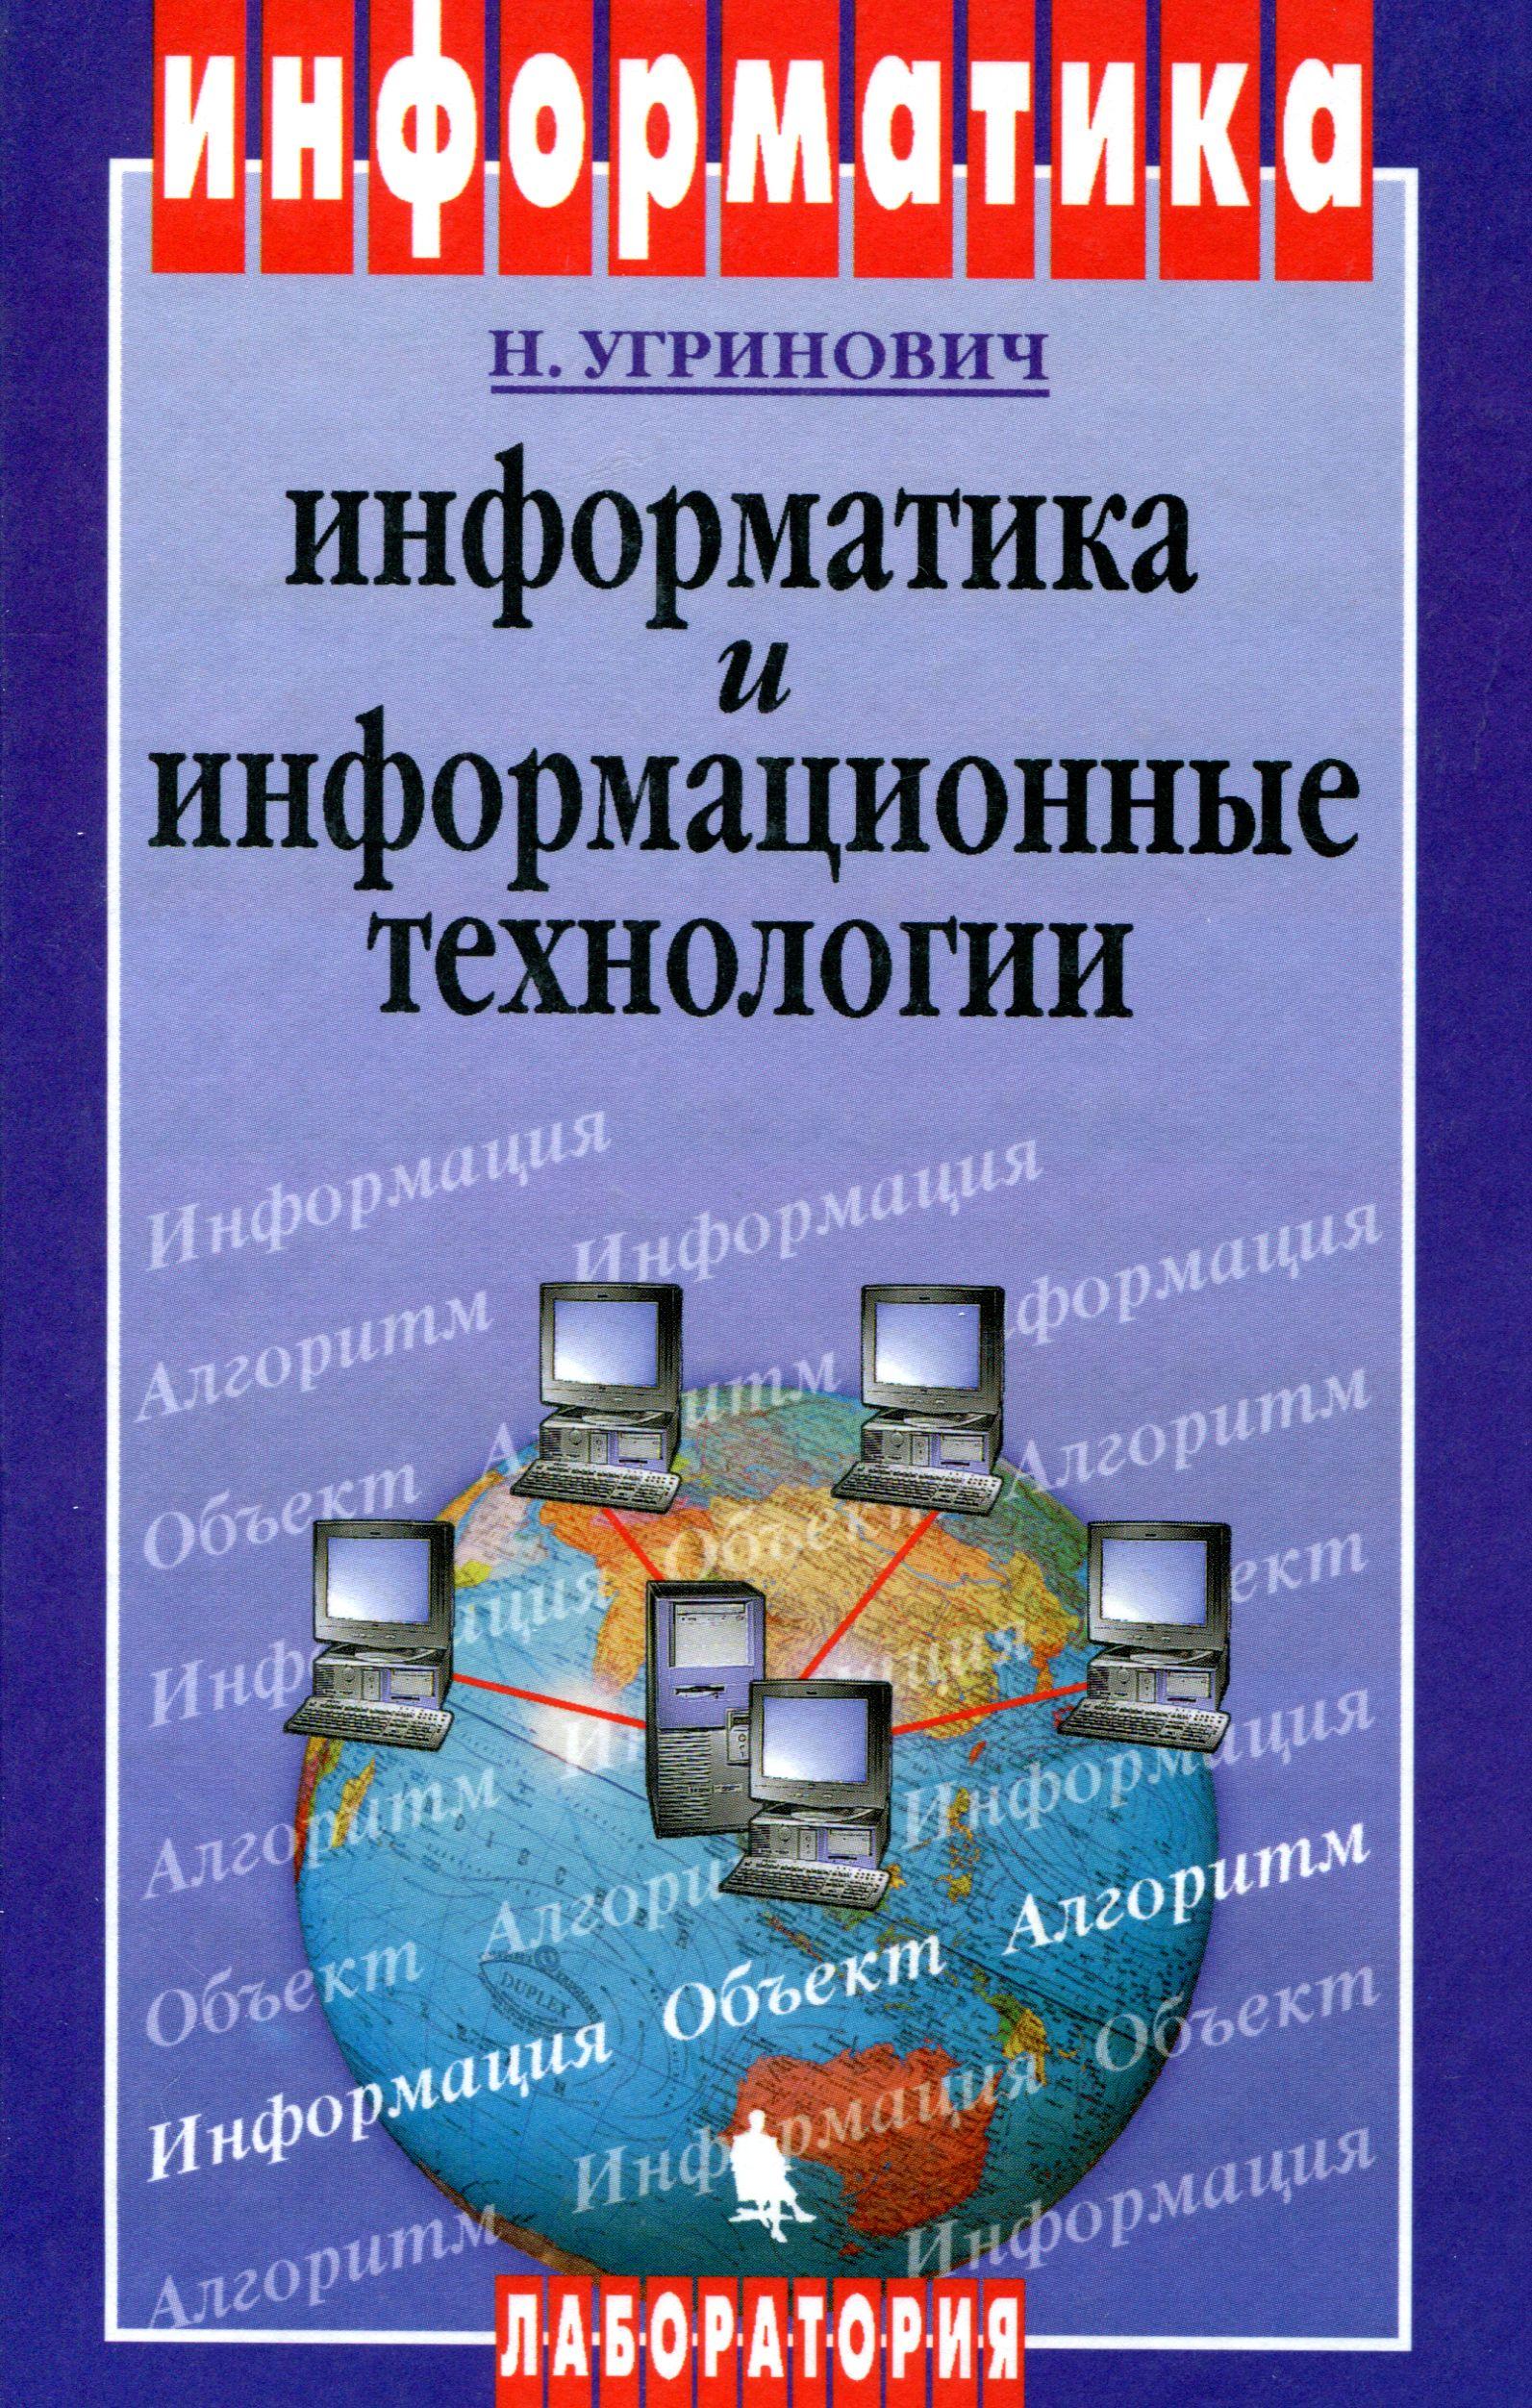 Информатике технологии угринович информационные класс 10-11 гдз по и